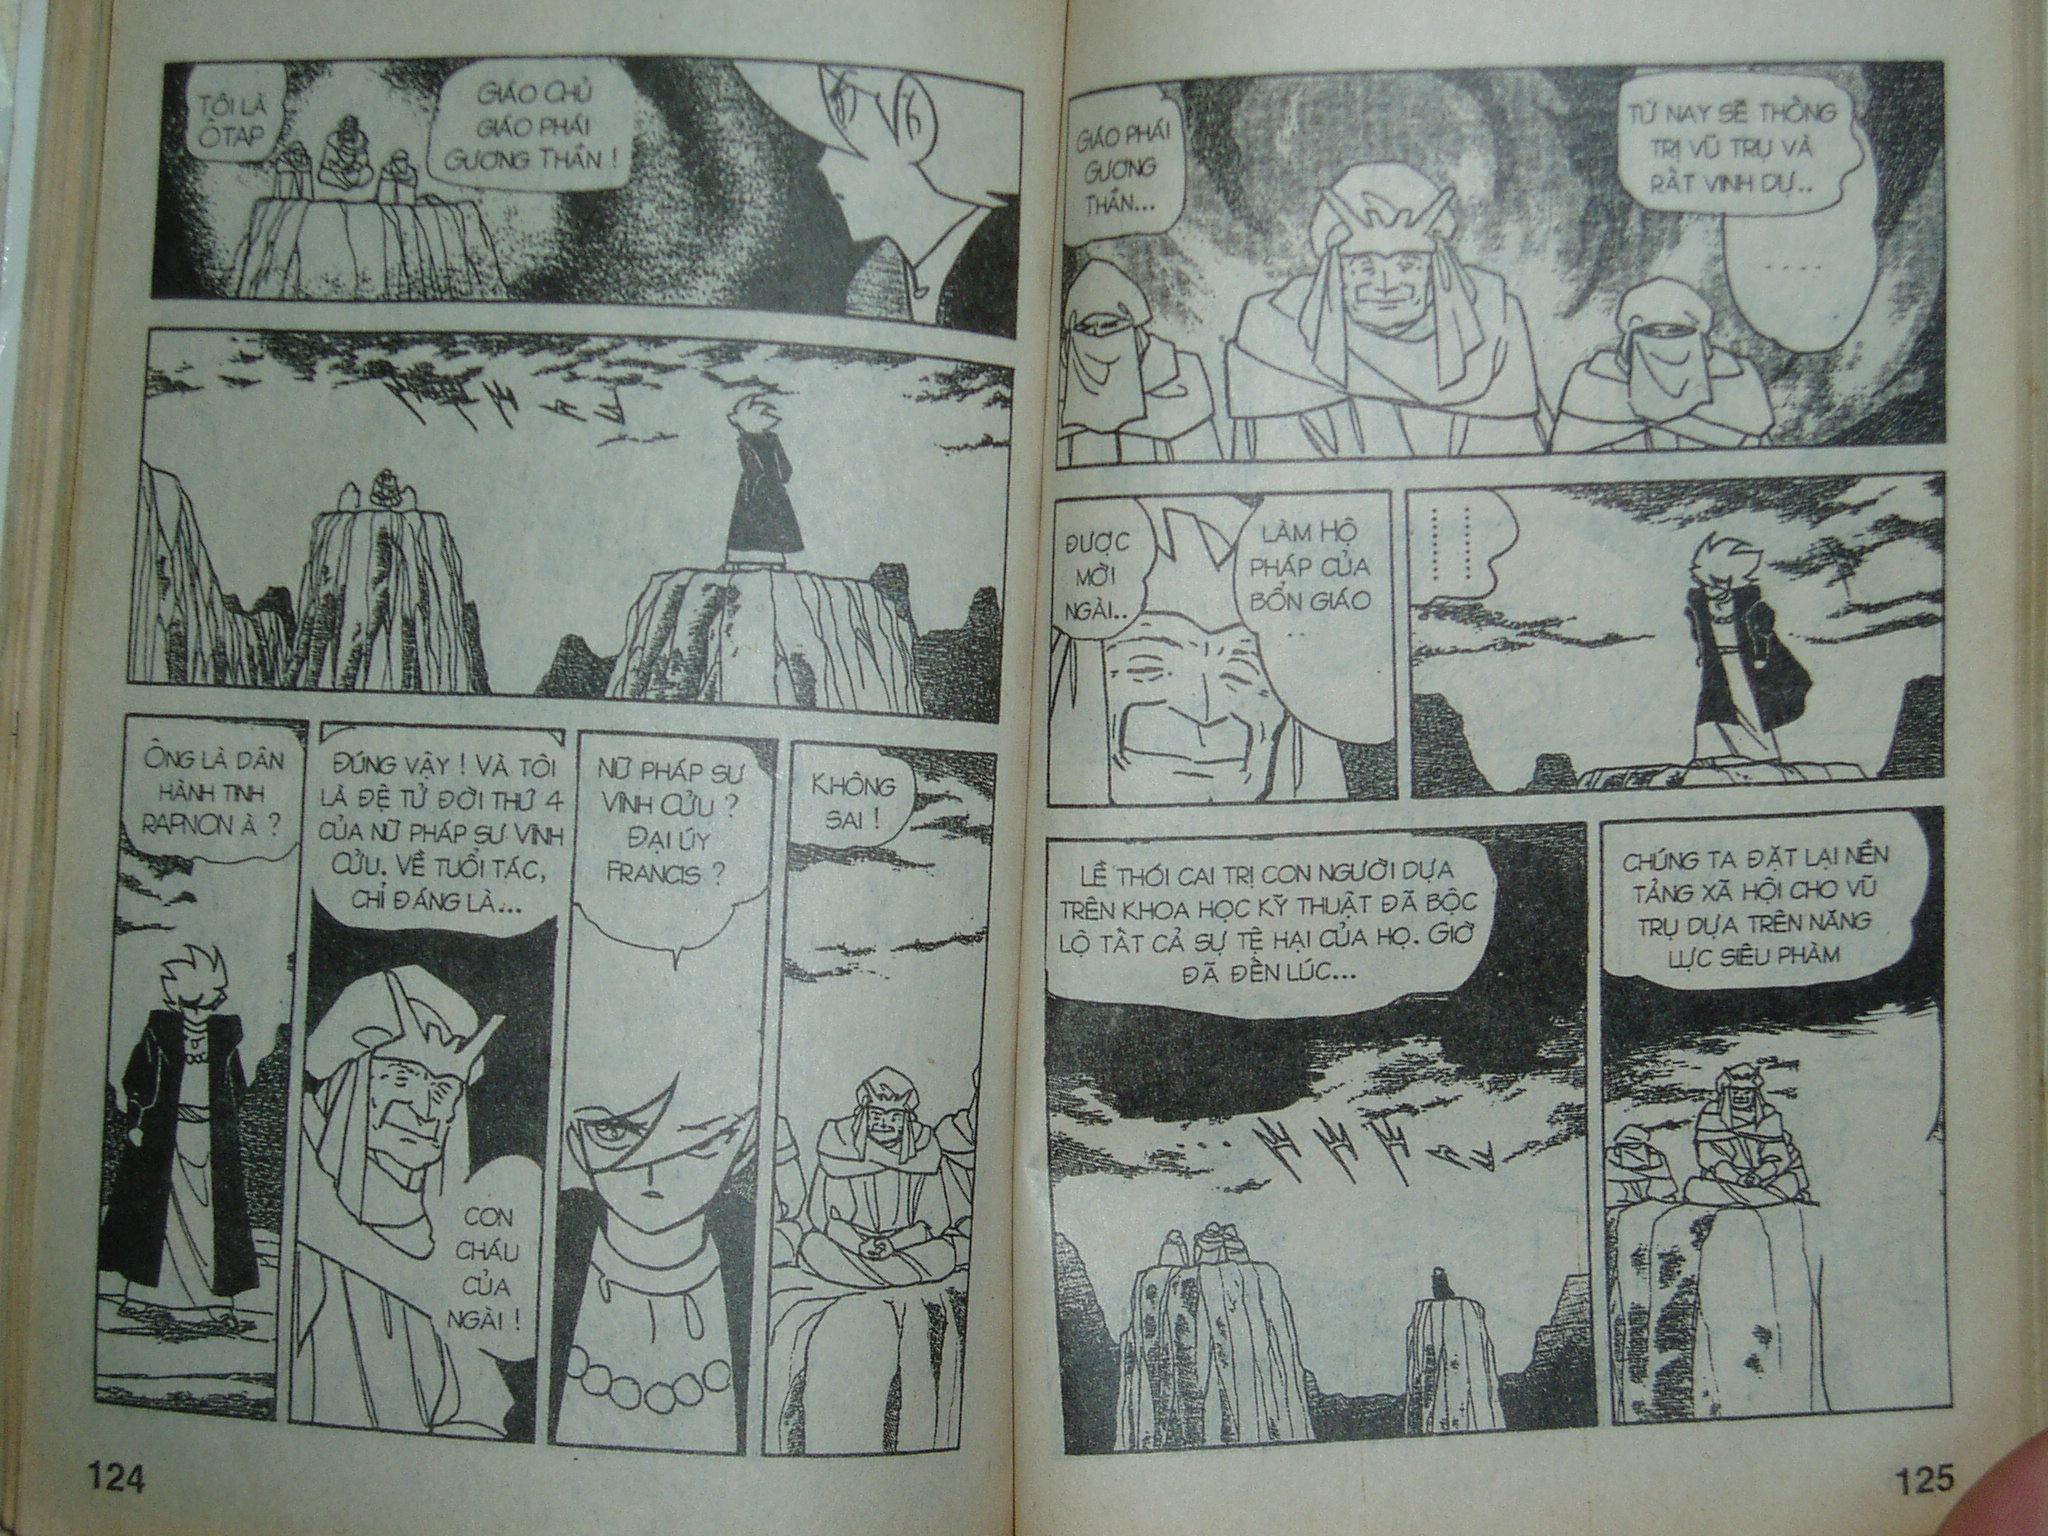 Siêu nhân Locke vol 17 trang 60